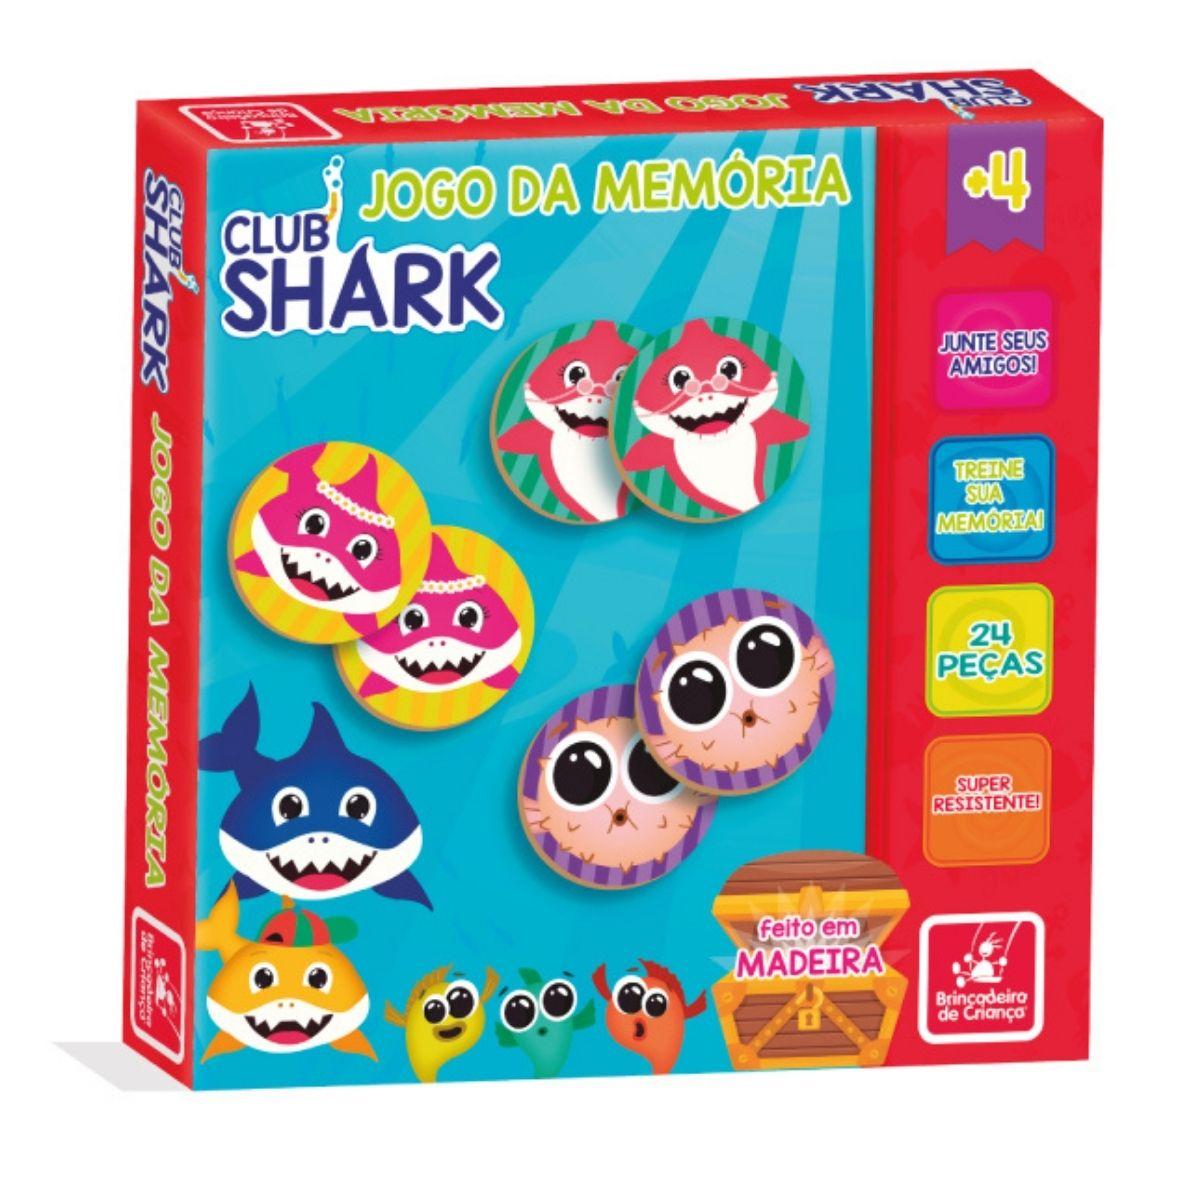 Jogo da Memória Club Shark 24p